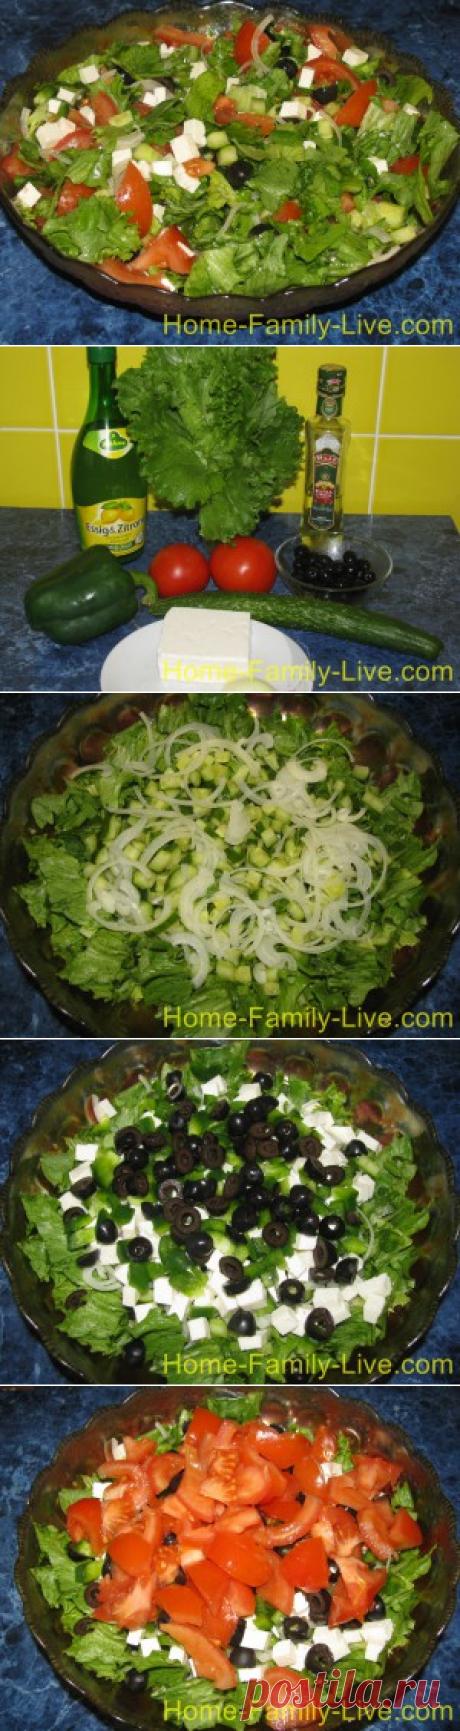 Салат Греческий/Сайт с пошаговыми рецептами с фото для тех кто любит готовить